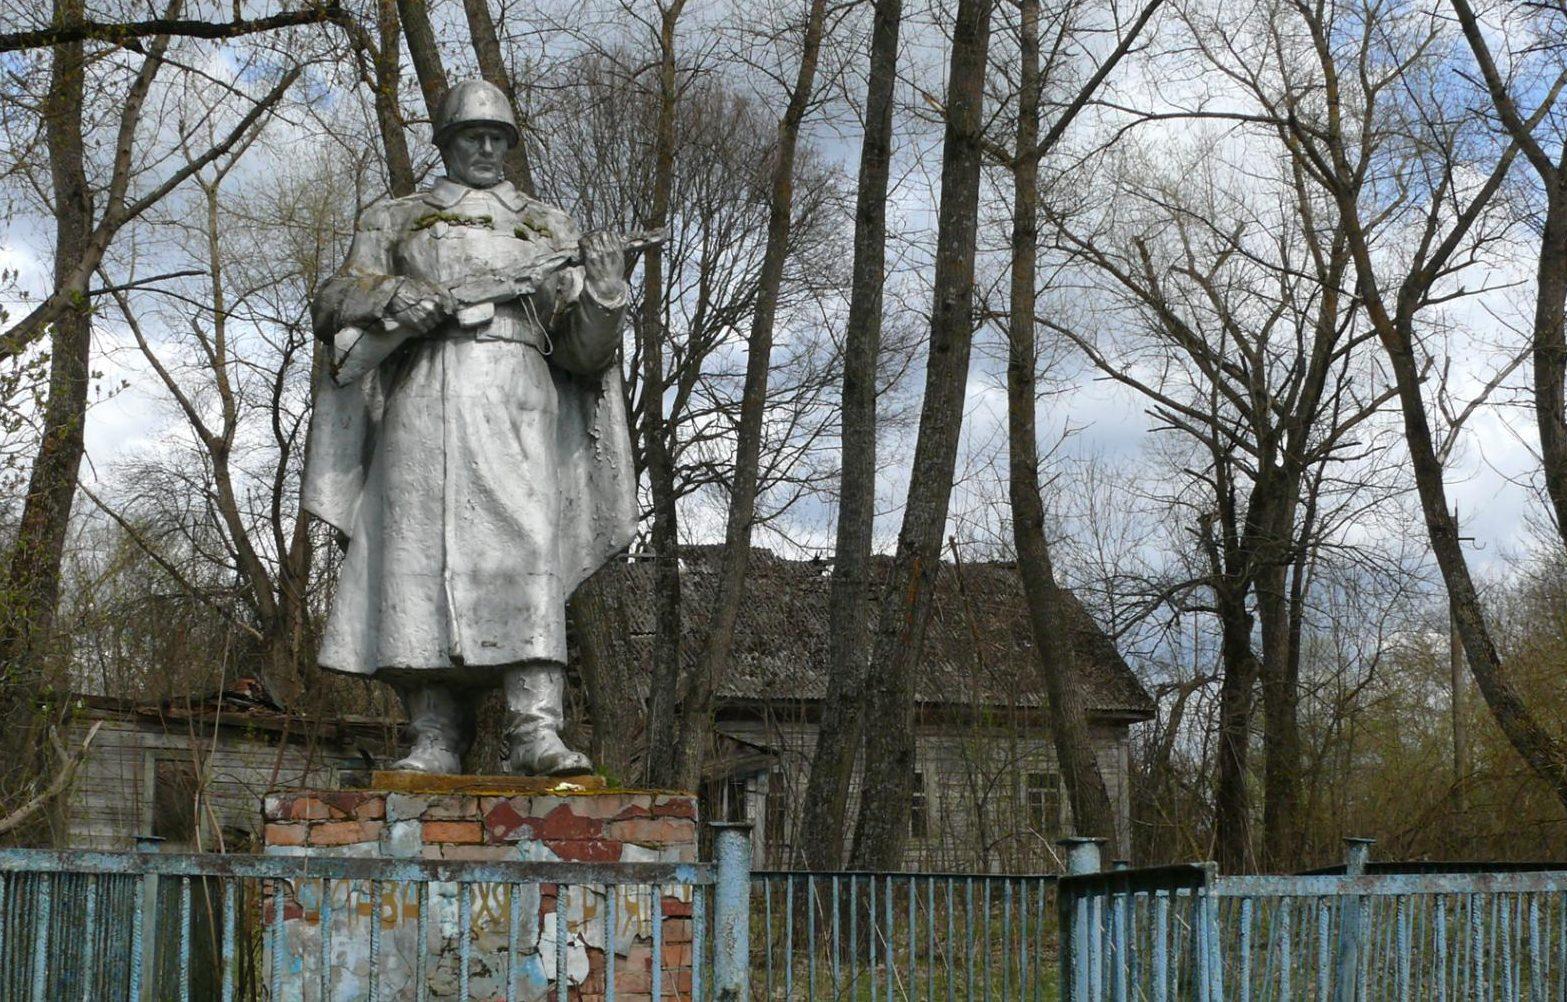 с. Лубянка, Чернобыльская зона отчуждения. Братская могила и памятник односельчанам воинам.